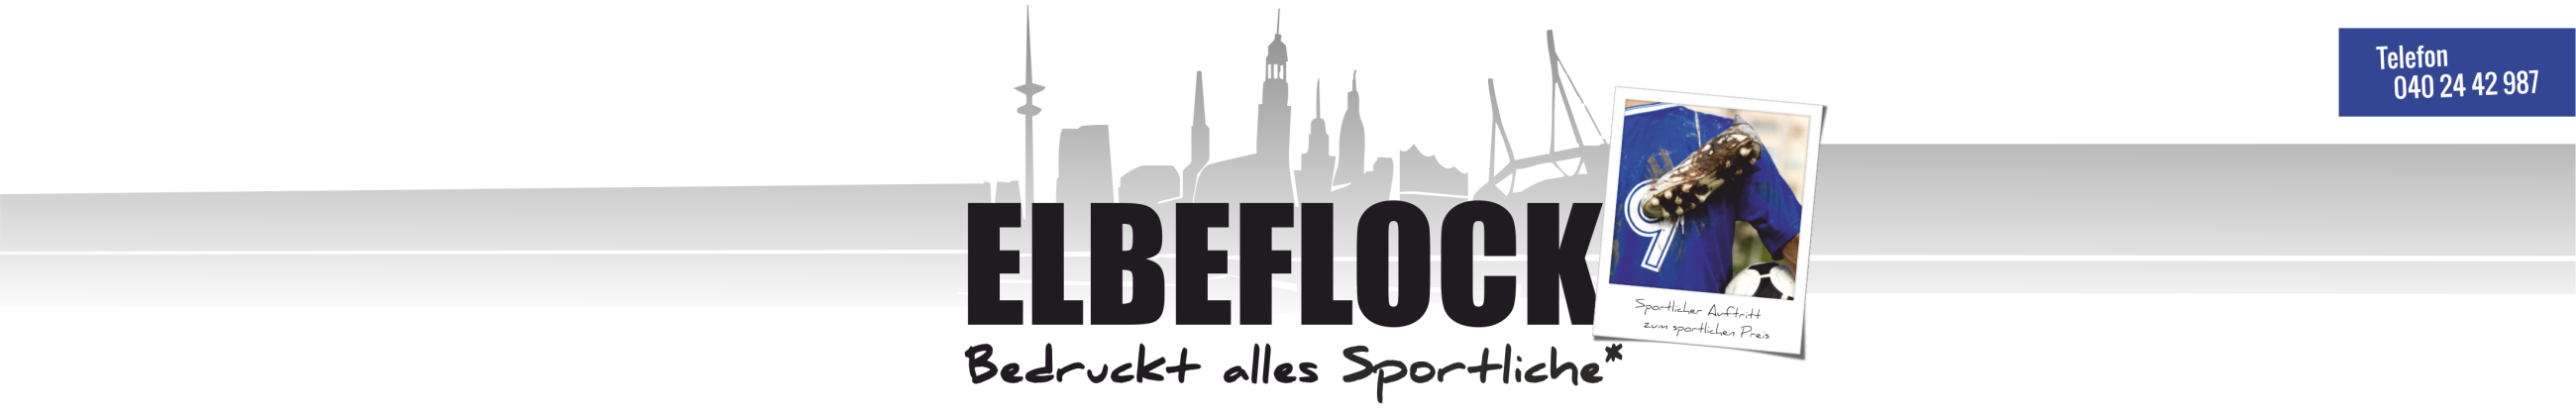 ELBEFLOCK Bedruckt alles Sportliche